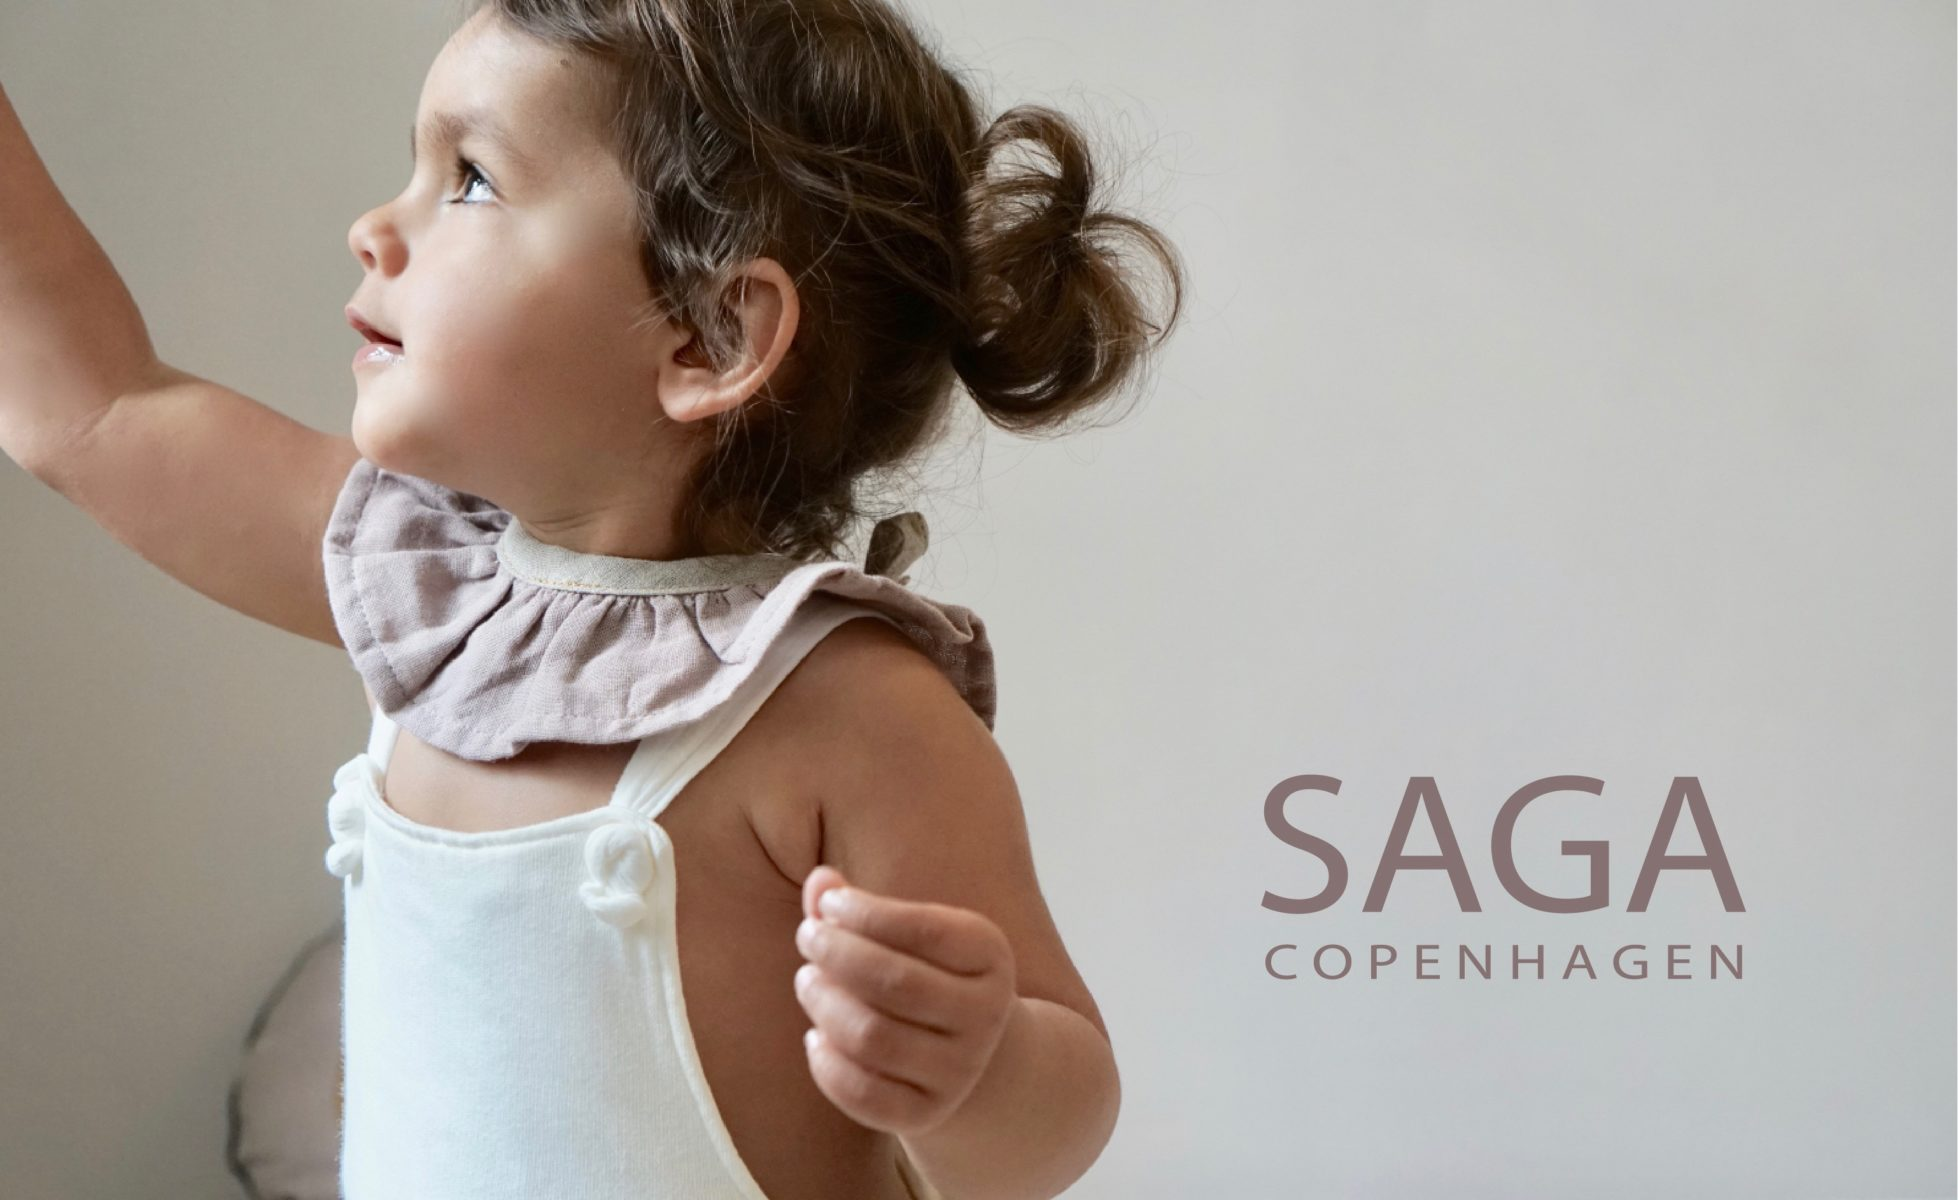 Saga Copenhagen Imagebild mit Logo